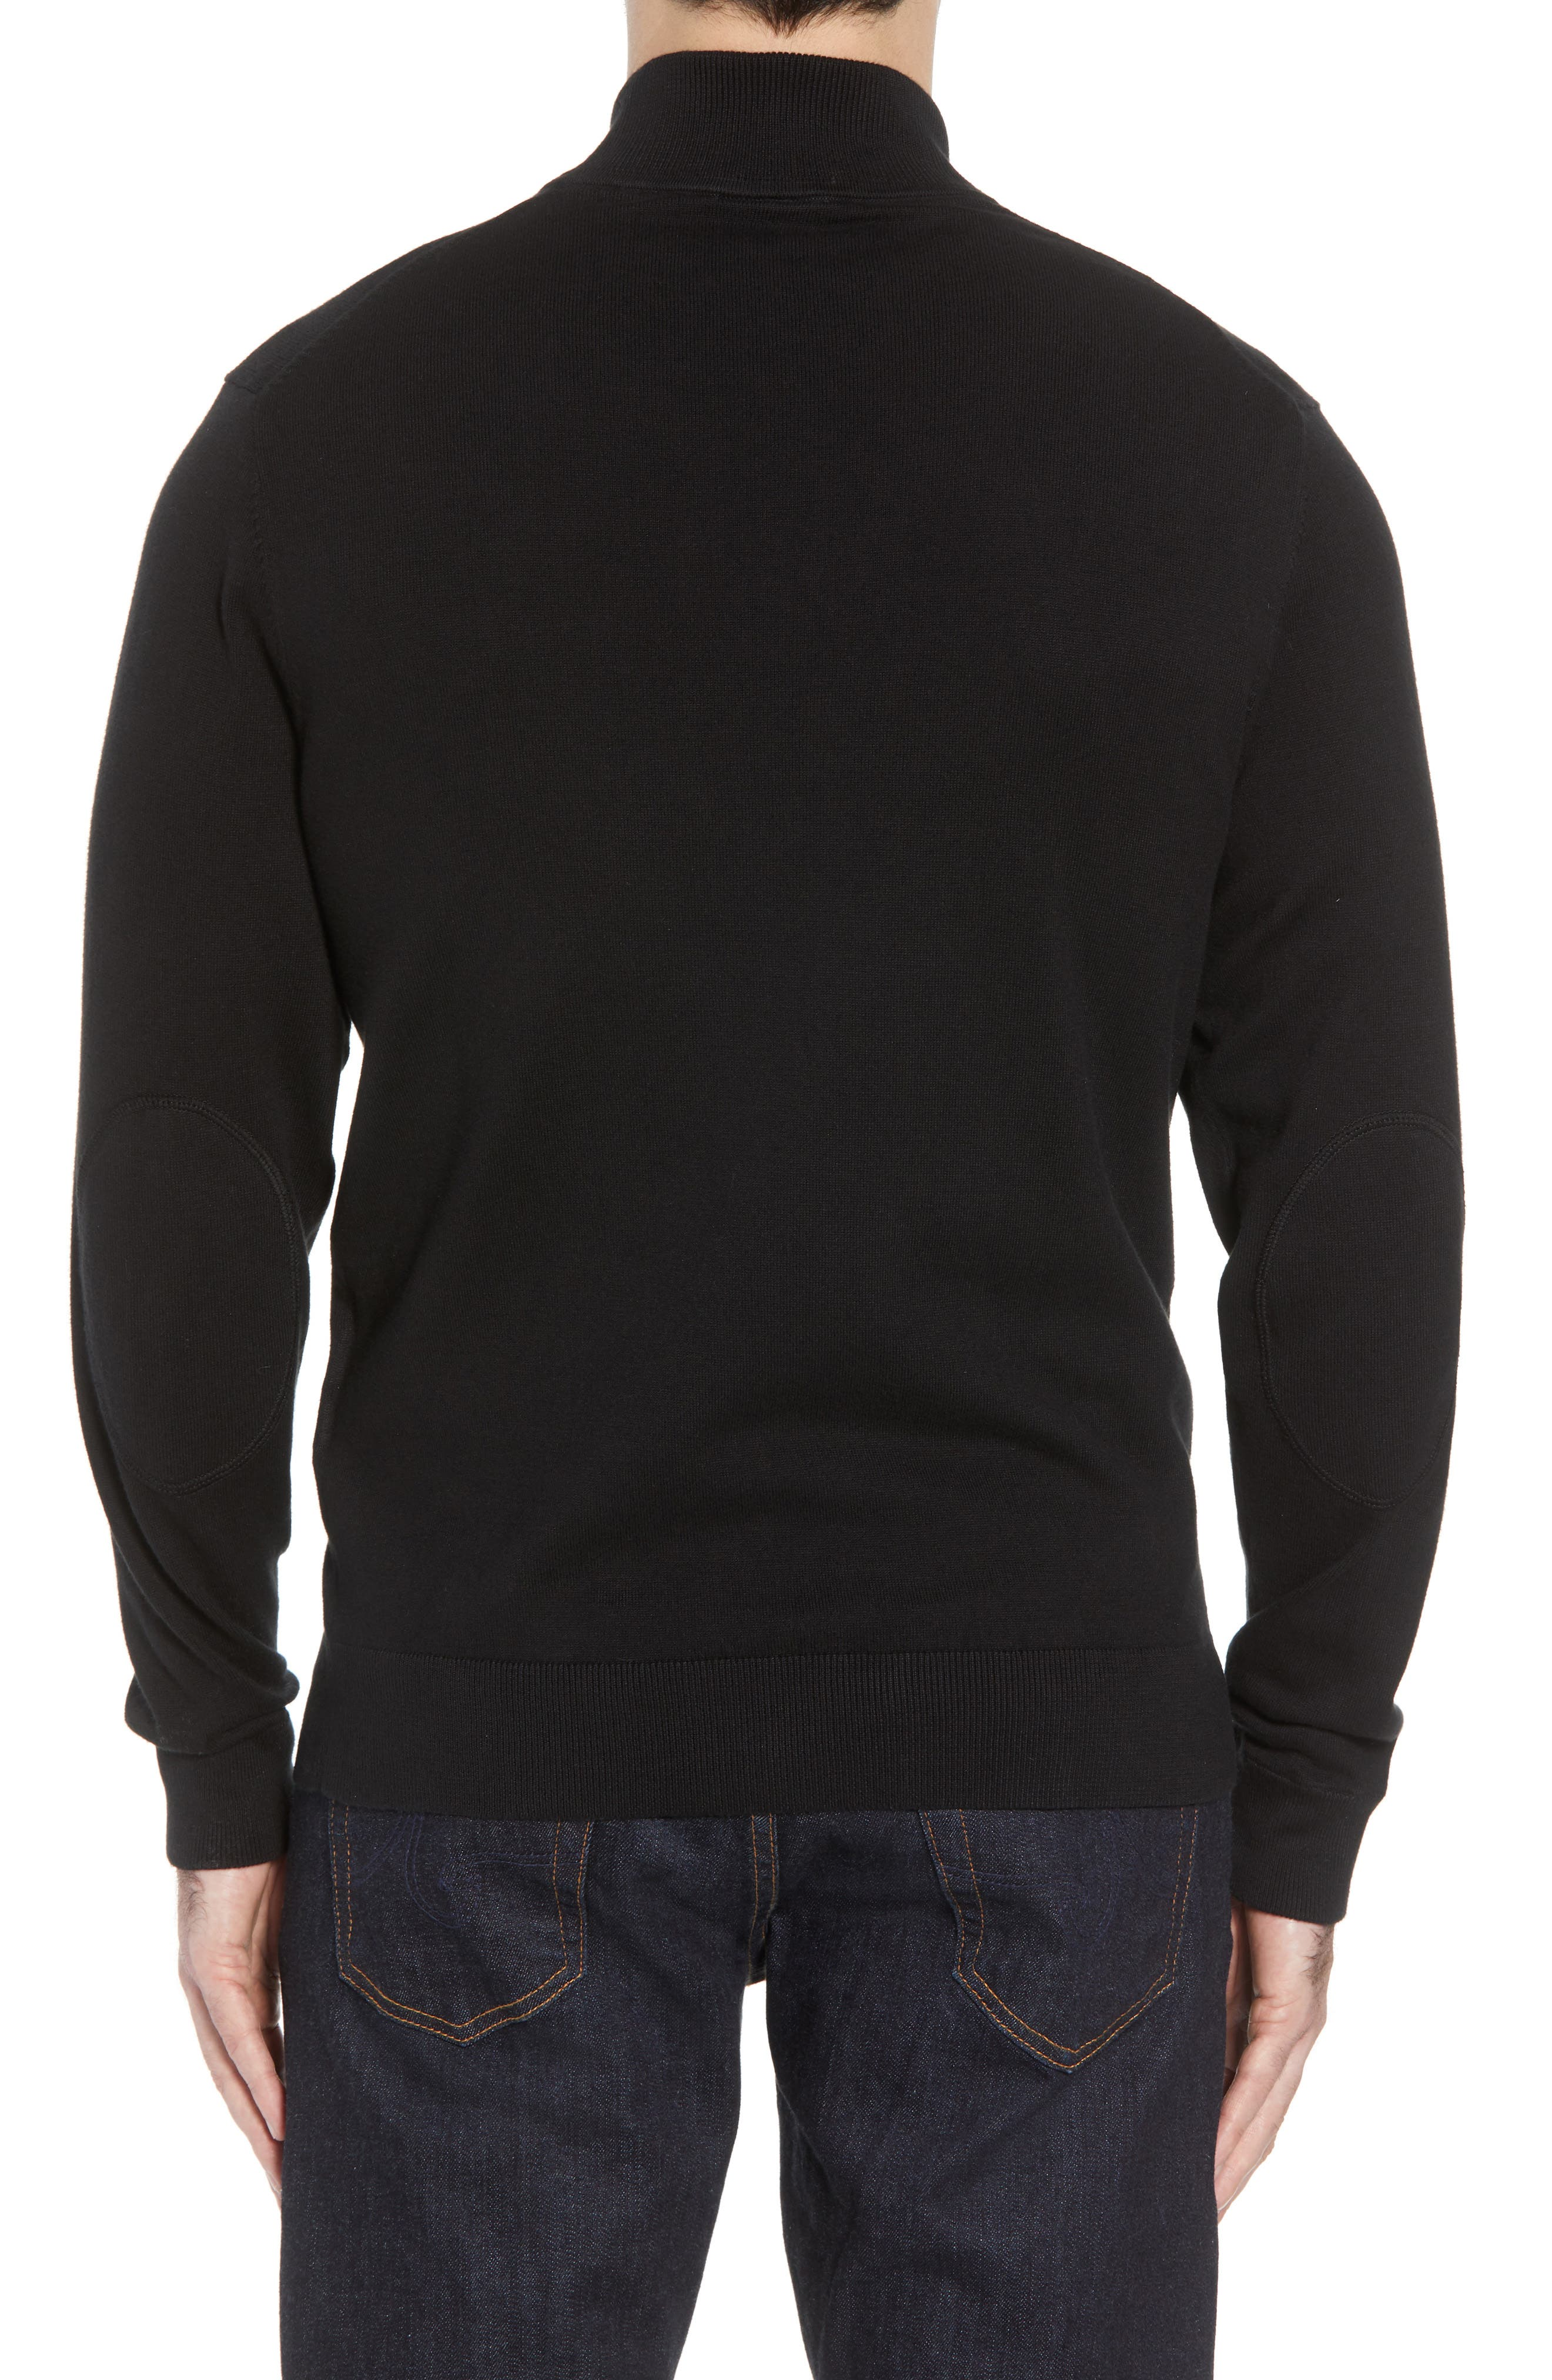 Philadelphia Eagles - Lakemont Regular Fit Quarter Zip Sweater,                             Alternate thumbnail 2, color,                             001